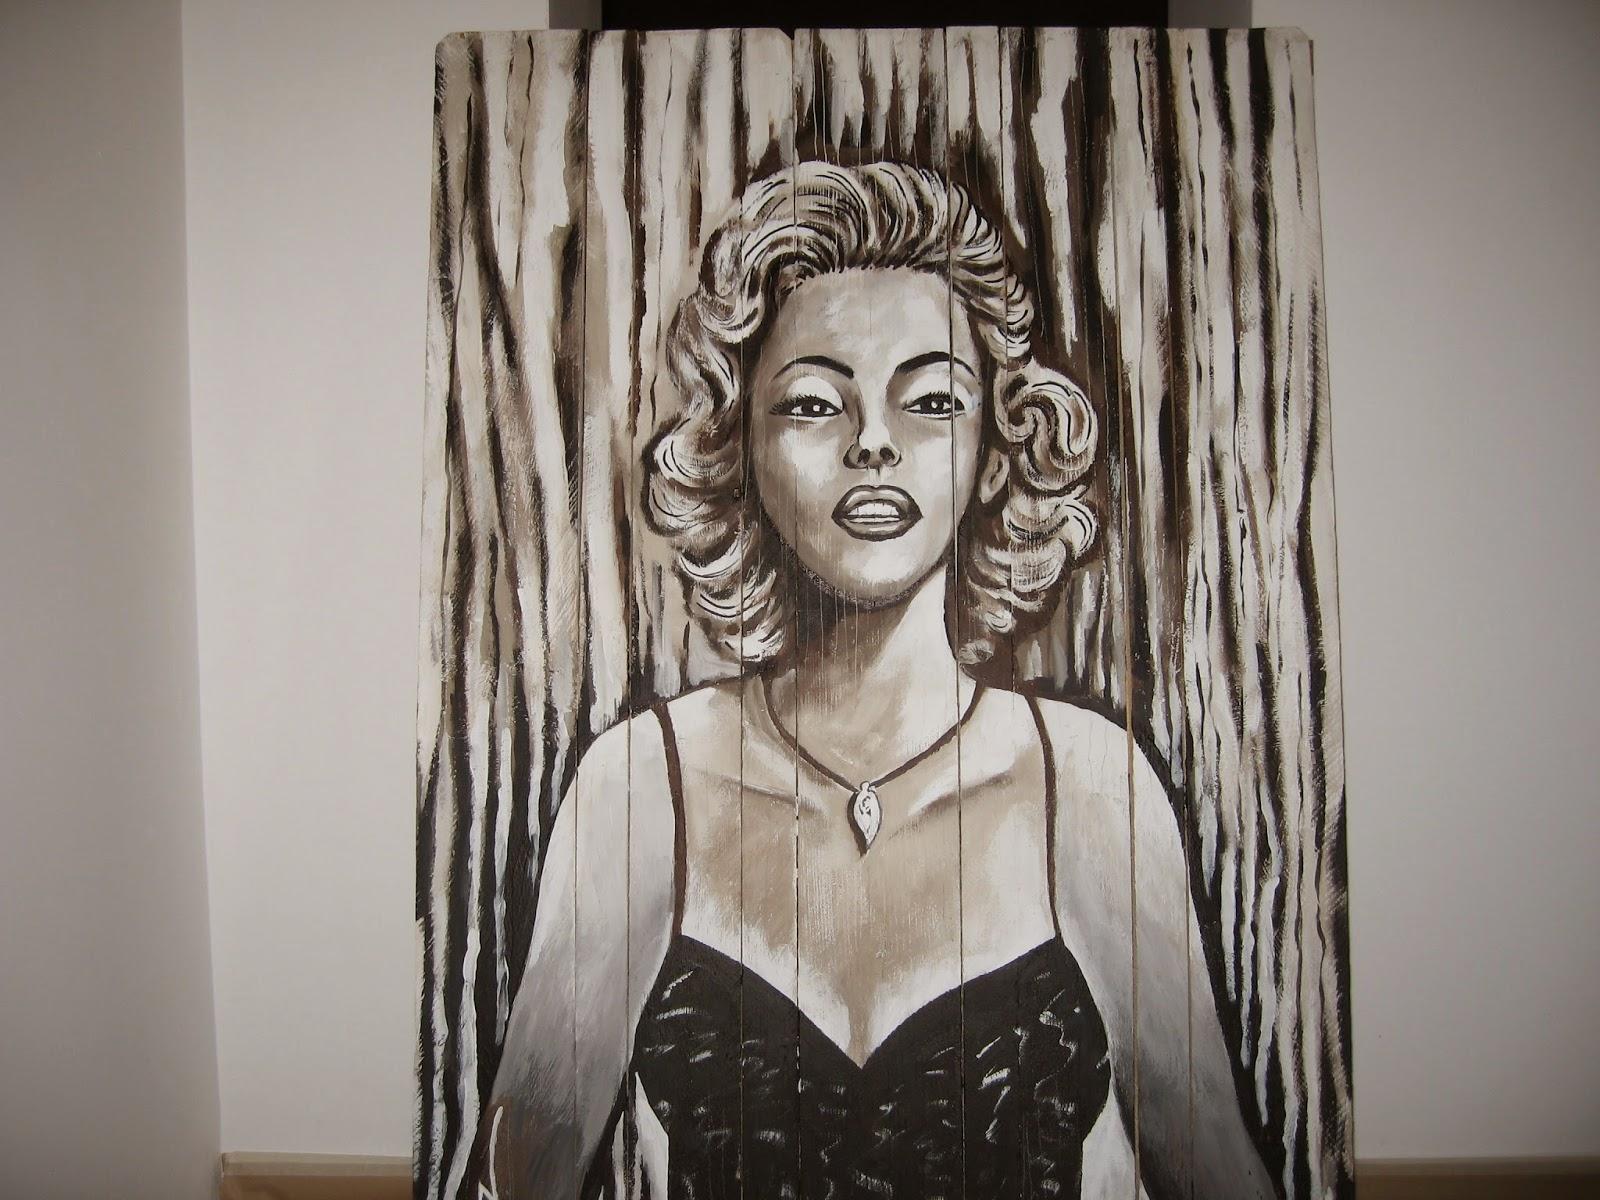 Graffiti de Marilyn Monroe